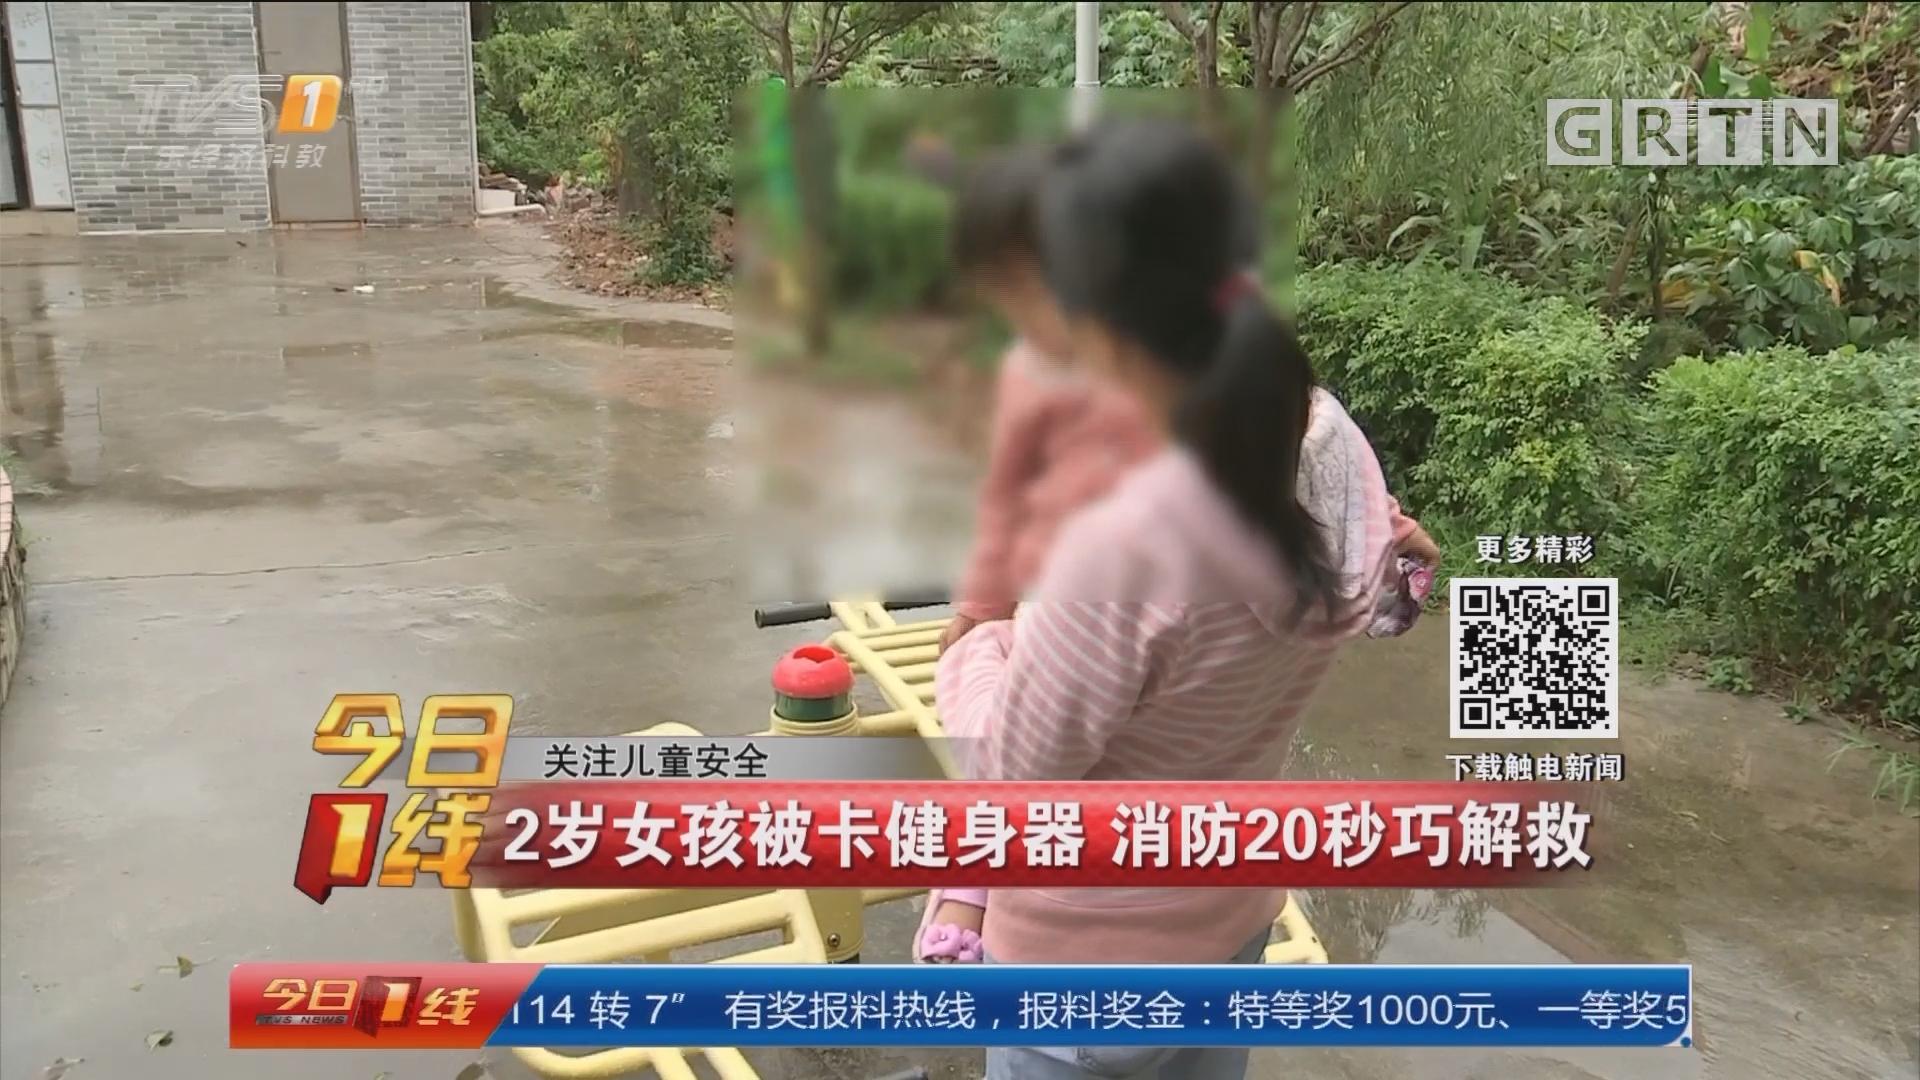 关注儿童安全:2岁女孩被卡健身器 消防20秒巧解救